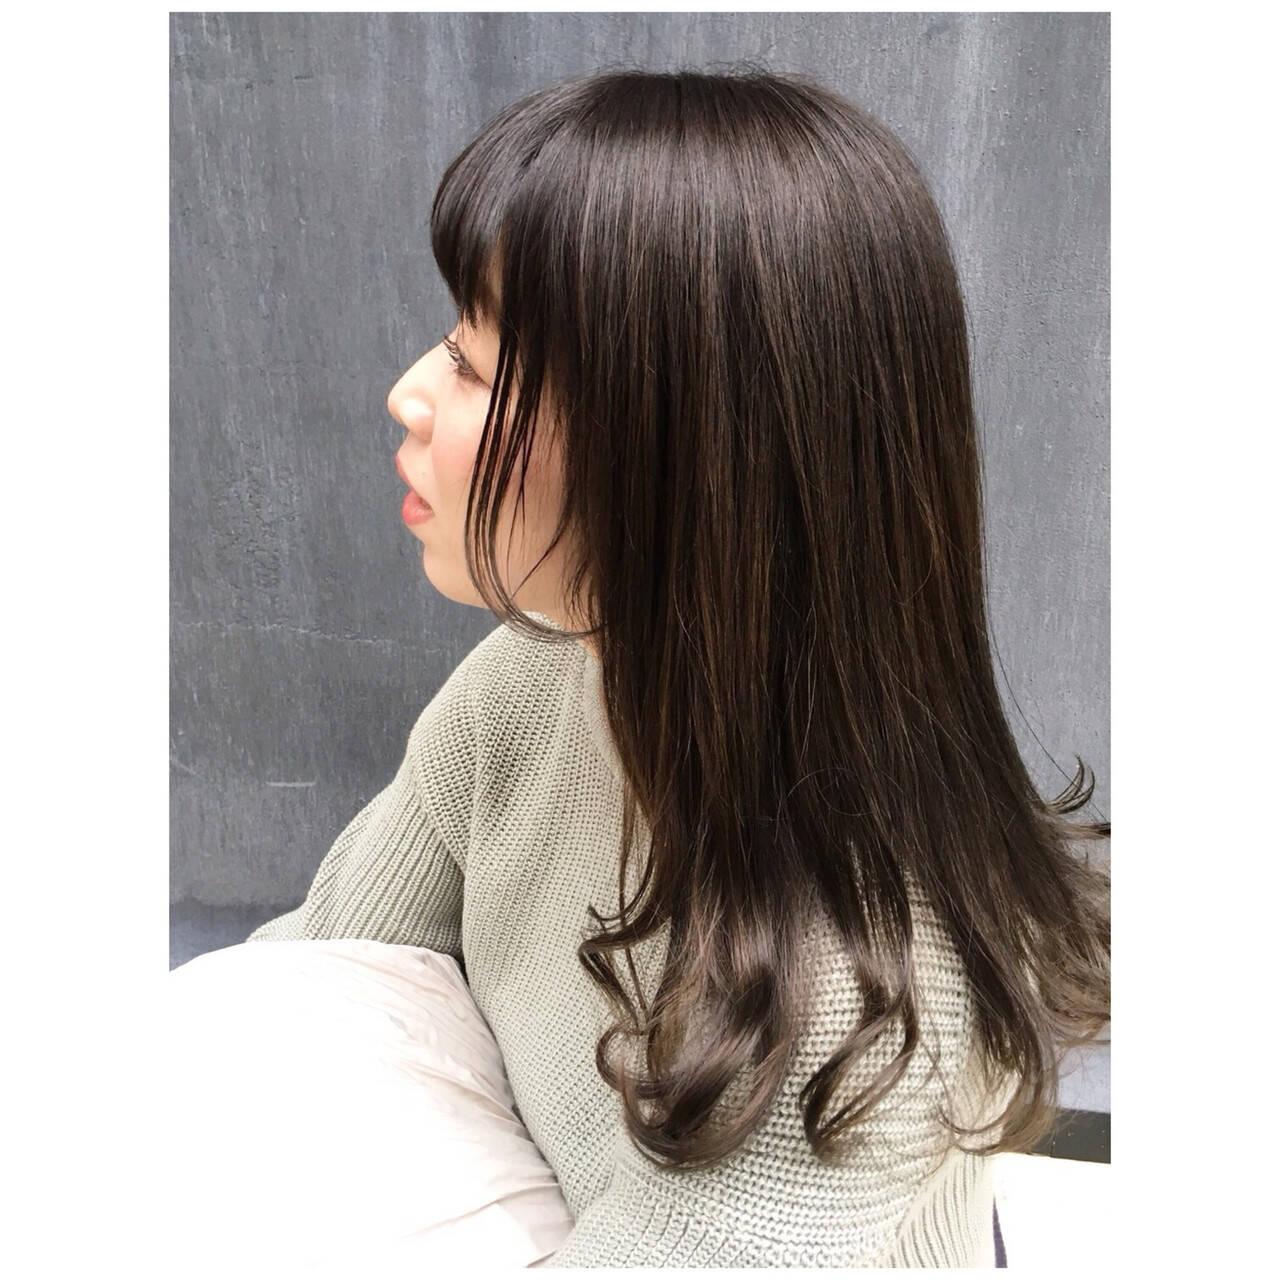 ミディアム 春ヘア くすみカラー オリーブグレージュヘアスタイルや髪型の写真・画像